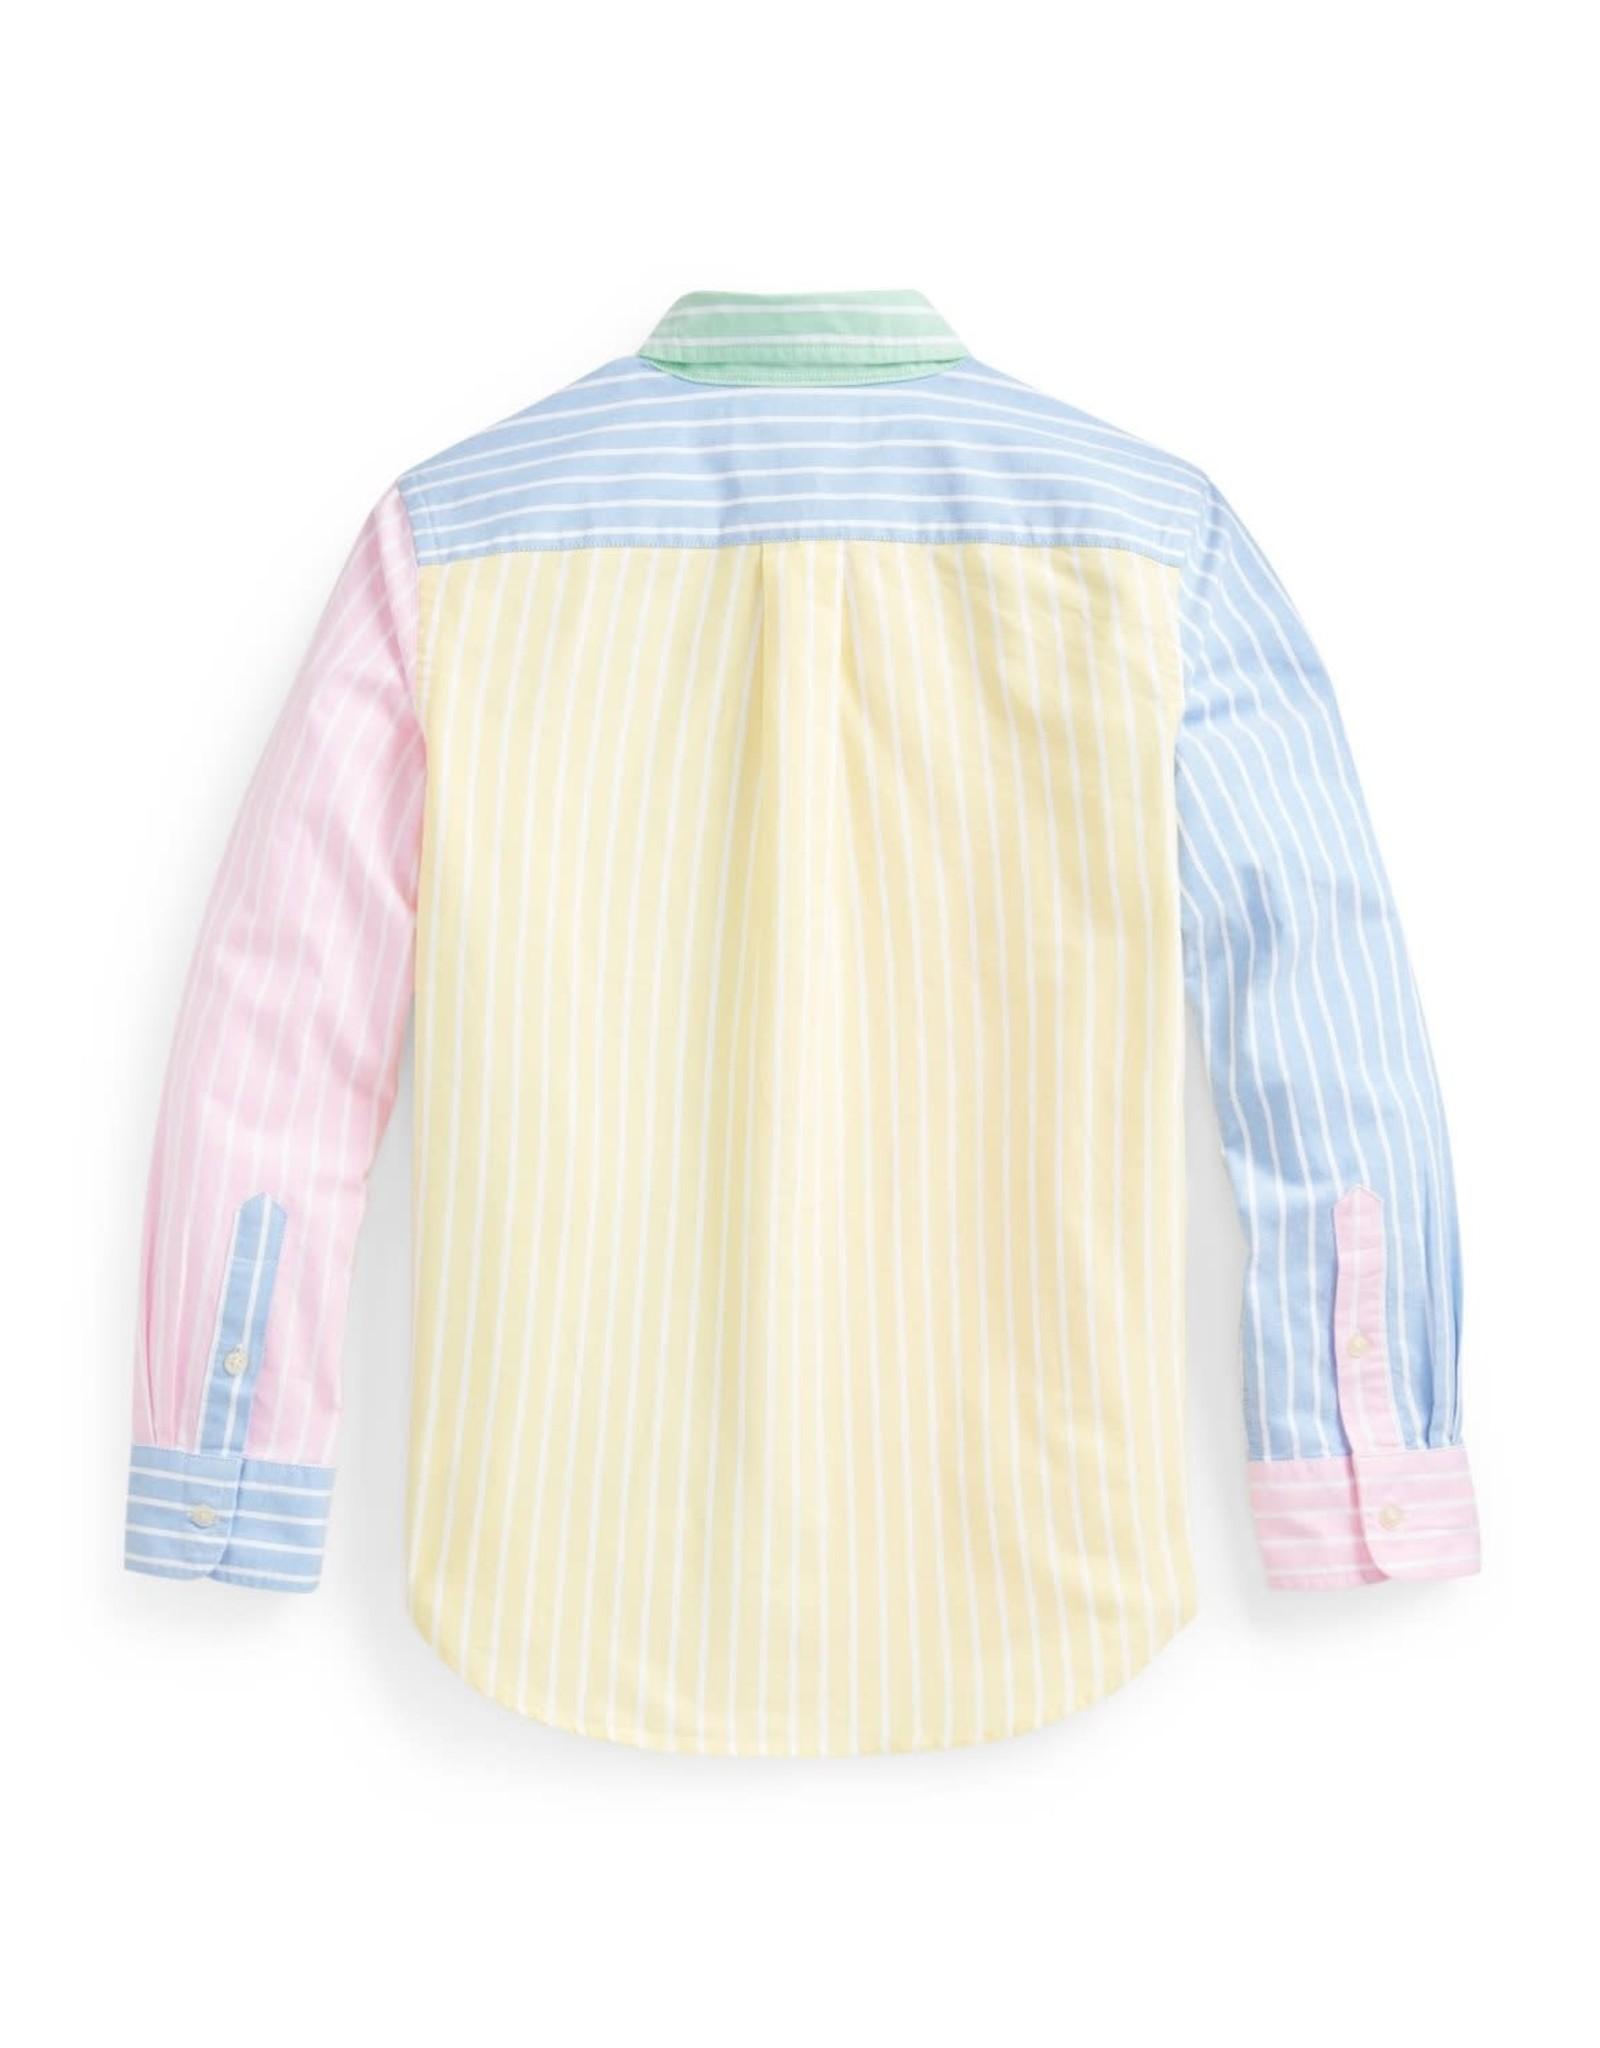 RALPH LAUREN RALPH LAUREN hemd multicolor